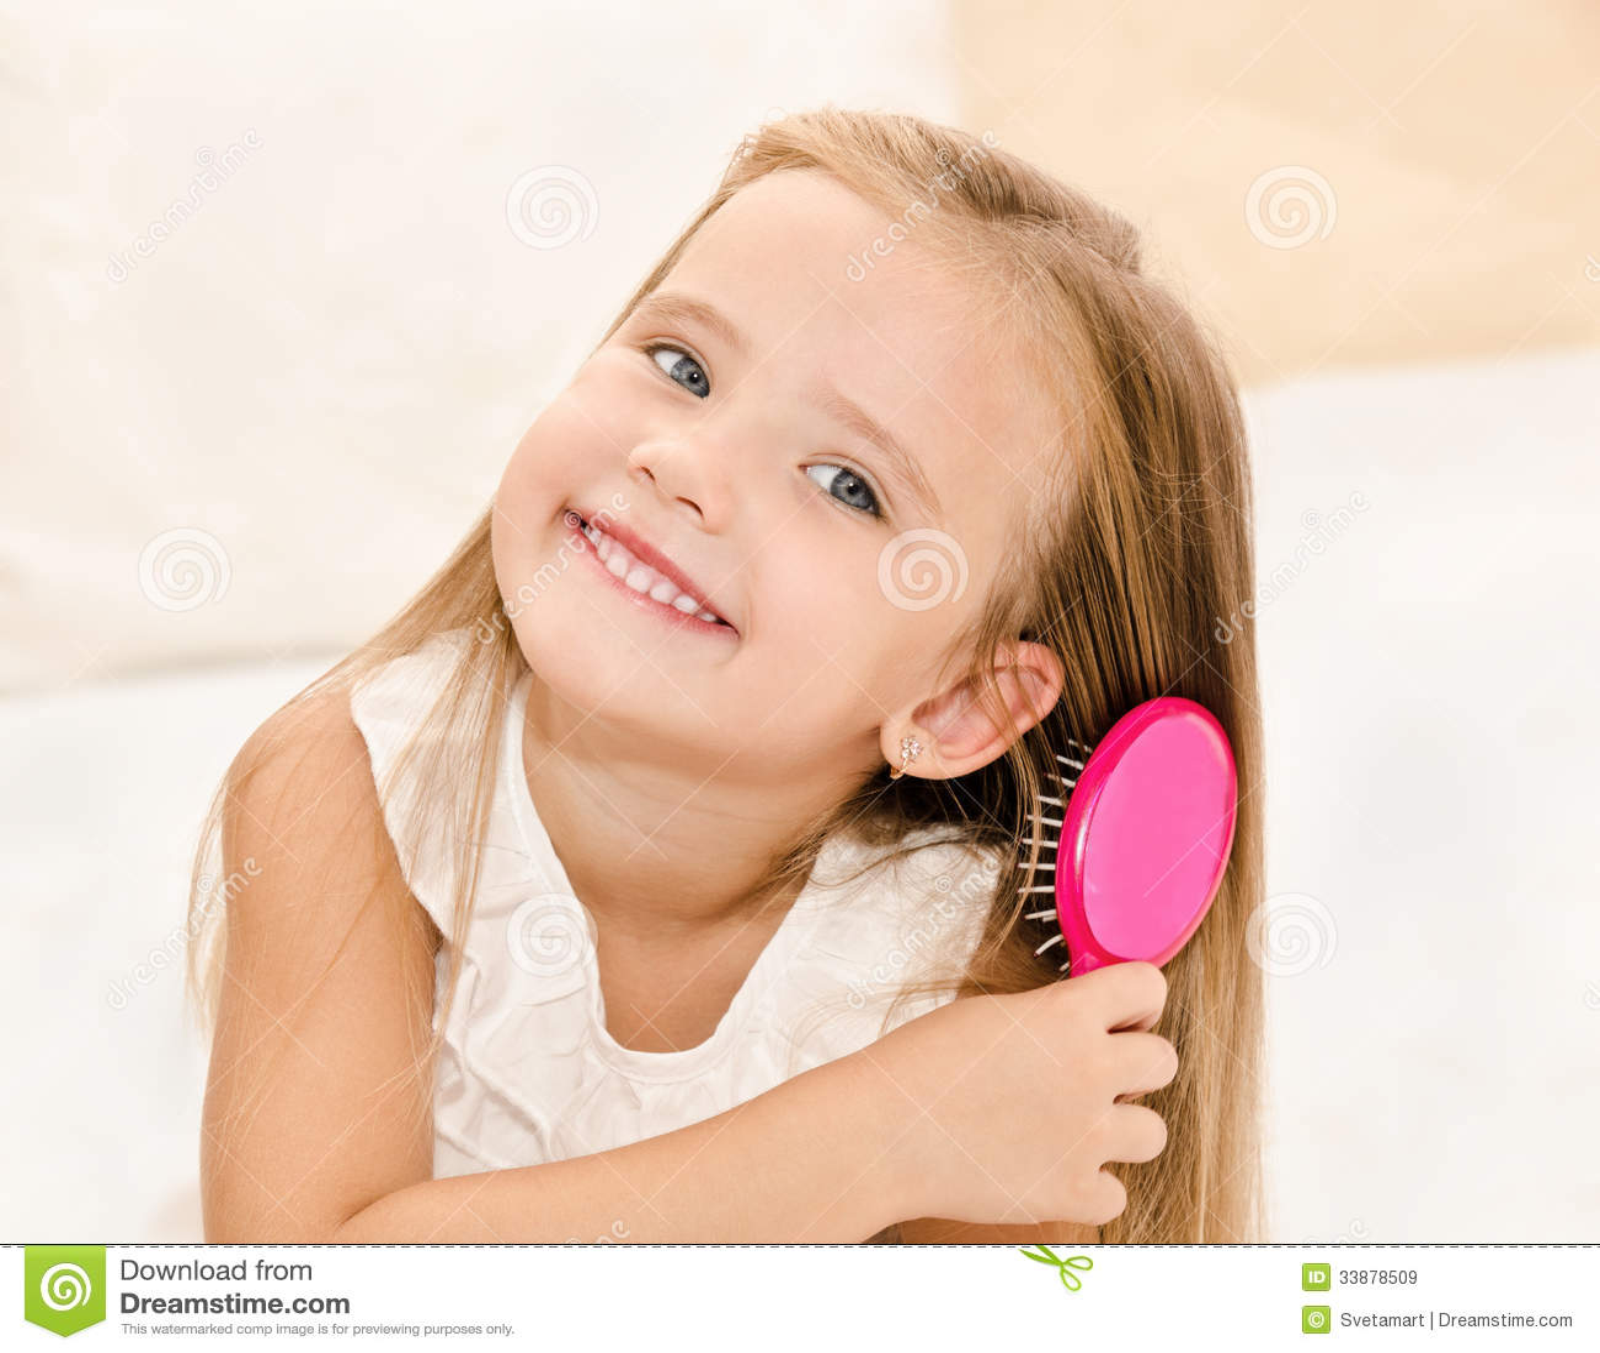 Portrait of smiling little girl brushing her hair royalty free stock